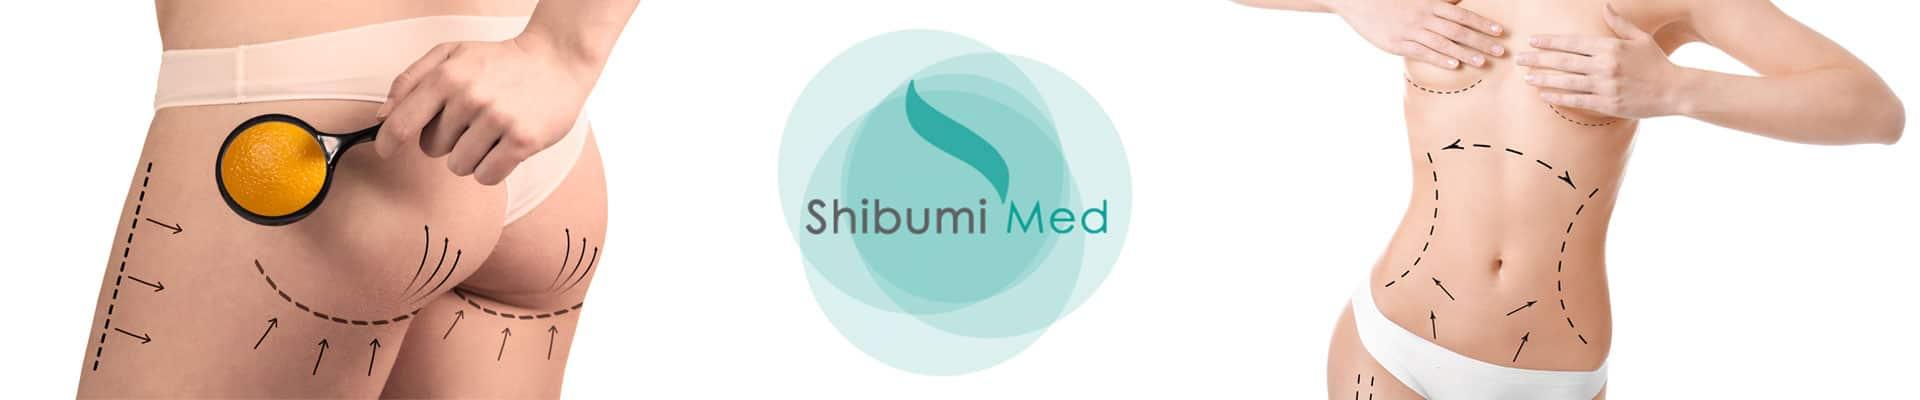 Chirurgia Estetica Corpo Torino ShibumiMed